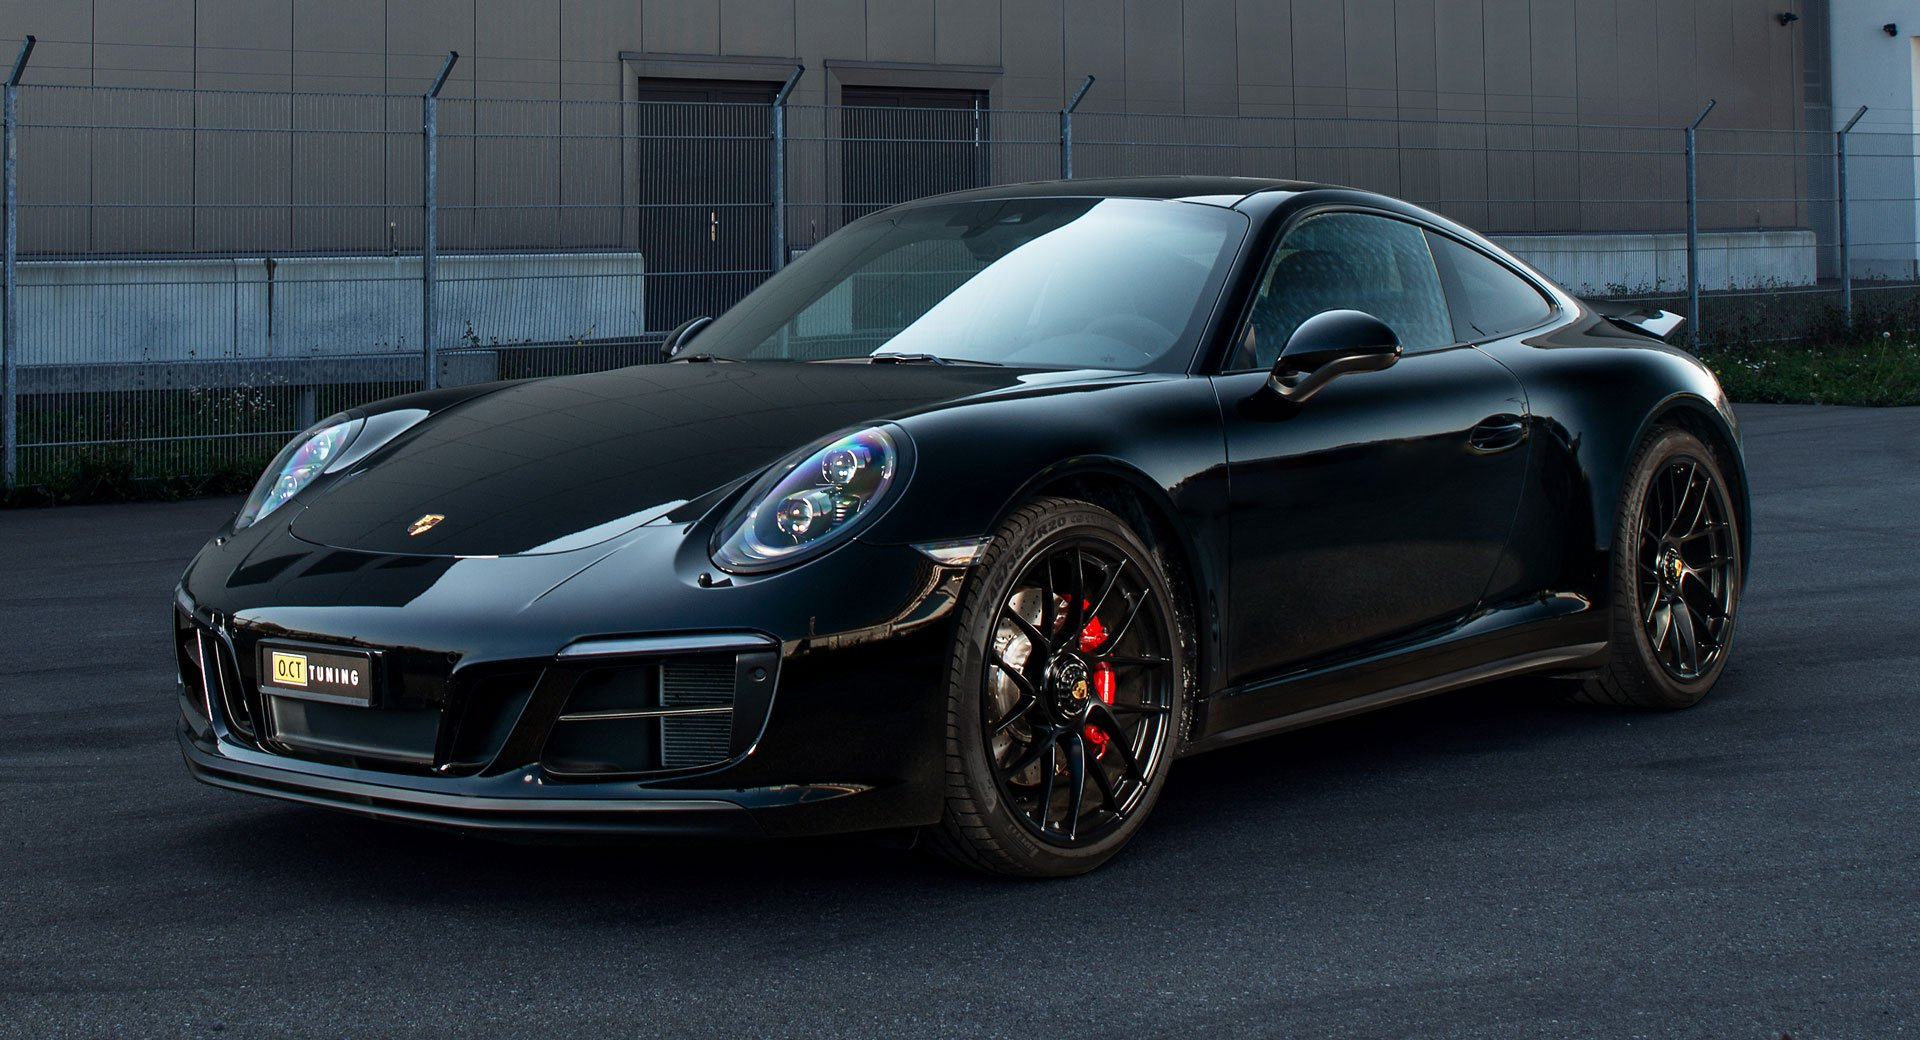 Мастерская O.CT Tuning приготовила для владельцев Porsche 911 Carrera, Carrera S и Carrera GTS предыдущего поколения (991.2) апгрейд производительности